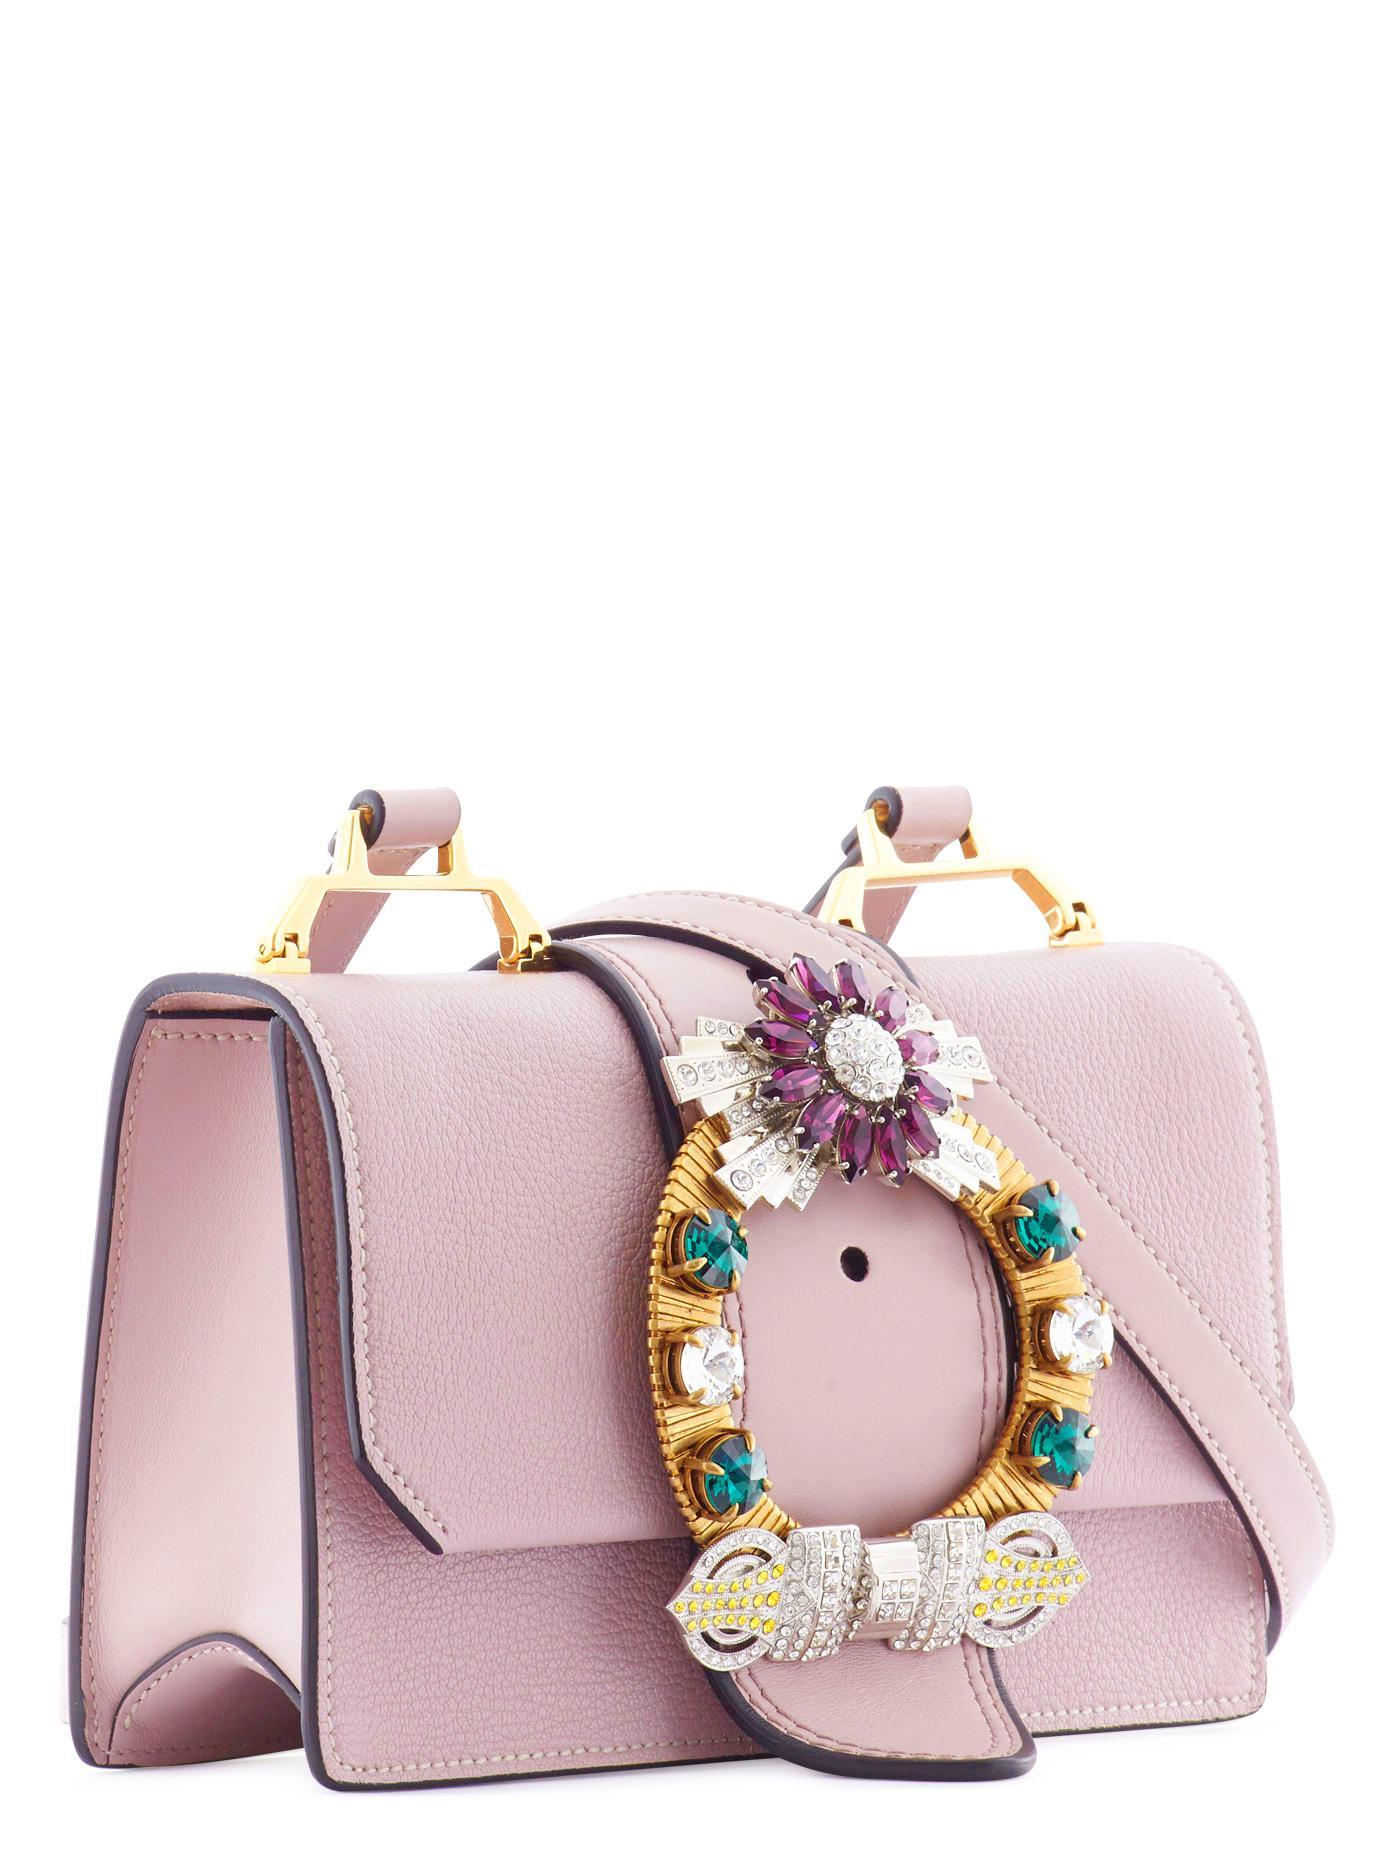 6e606ea87d5 Miu Miu Shoulder Pink Bag